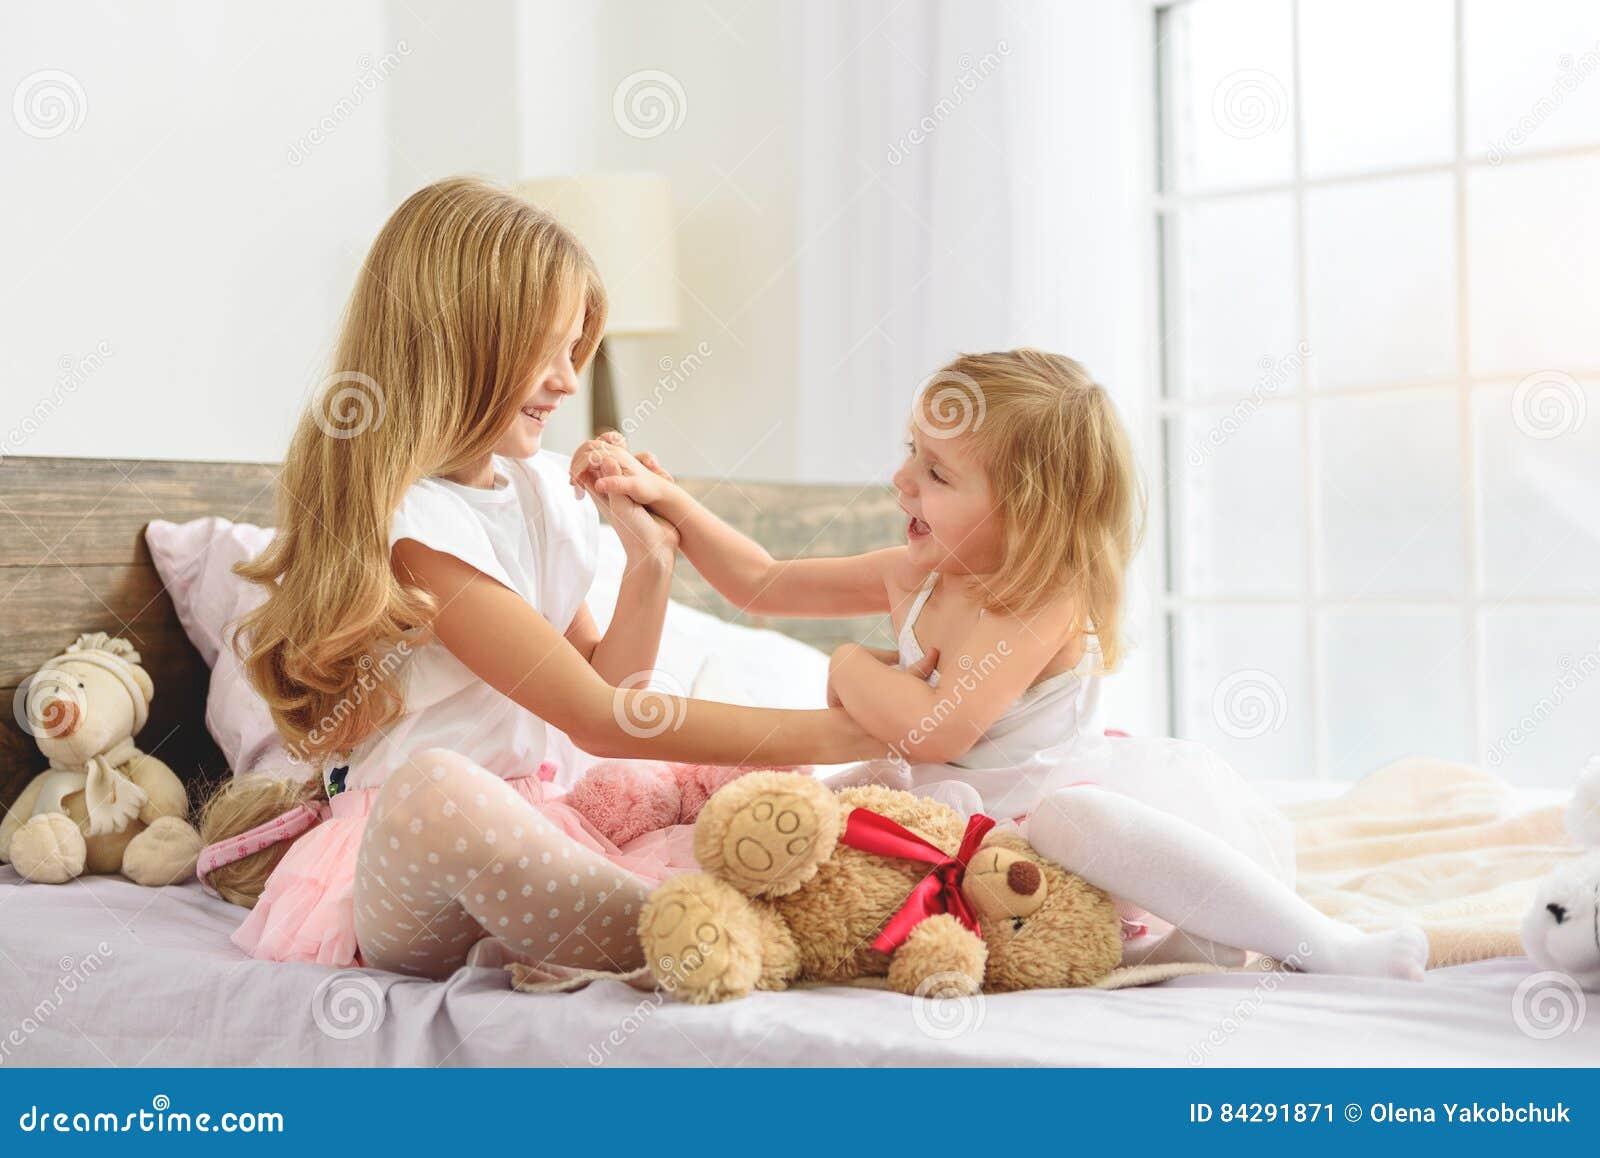 Mooie meisjes die samen in slaapkamer spelen stock foto afbeelding 84291871 for Meisje slaapkamer fotos